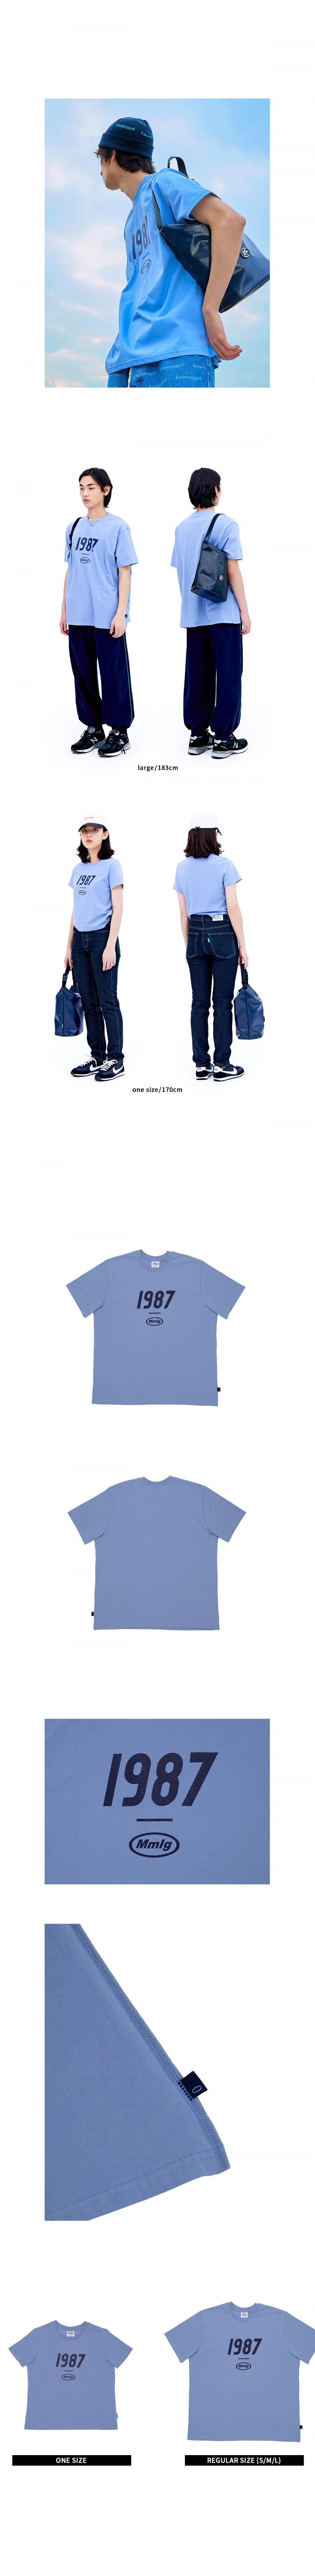 팔칠엠엠(87MM) [Mmlg] 1987MMLG HF-T (MELANGE BLUE)